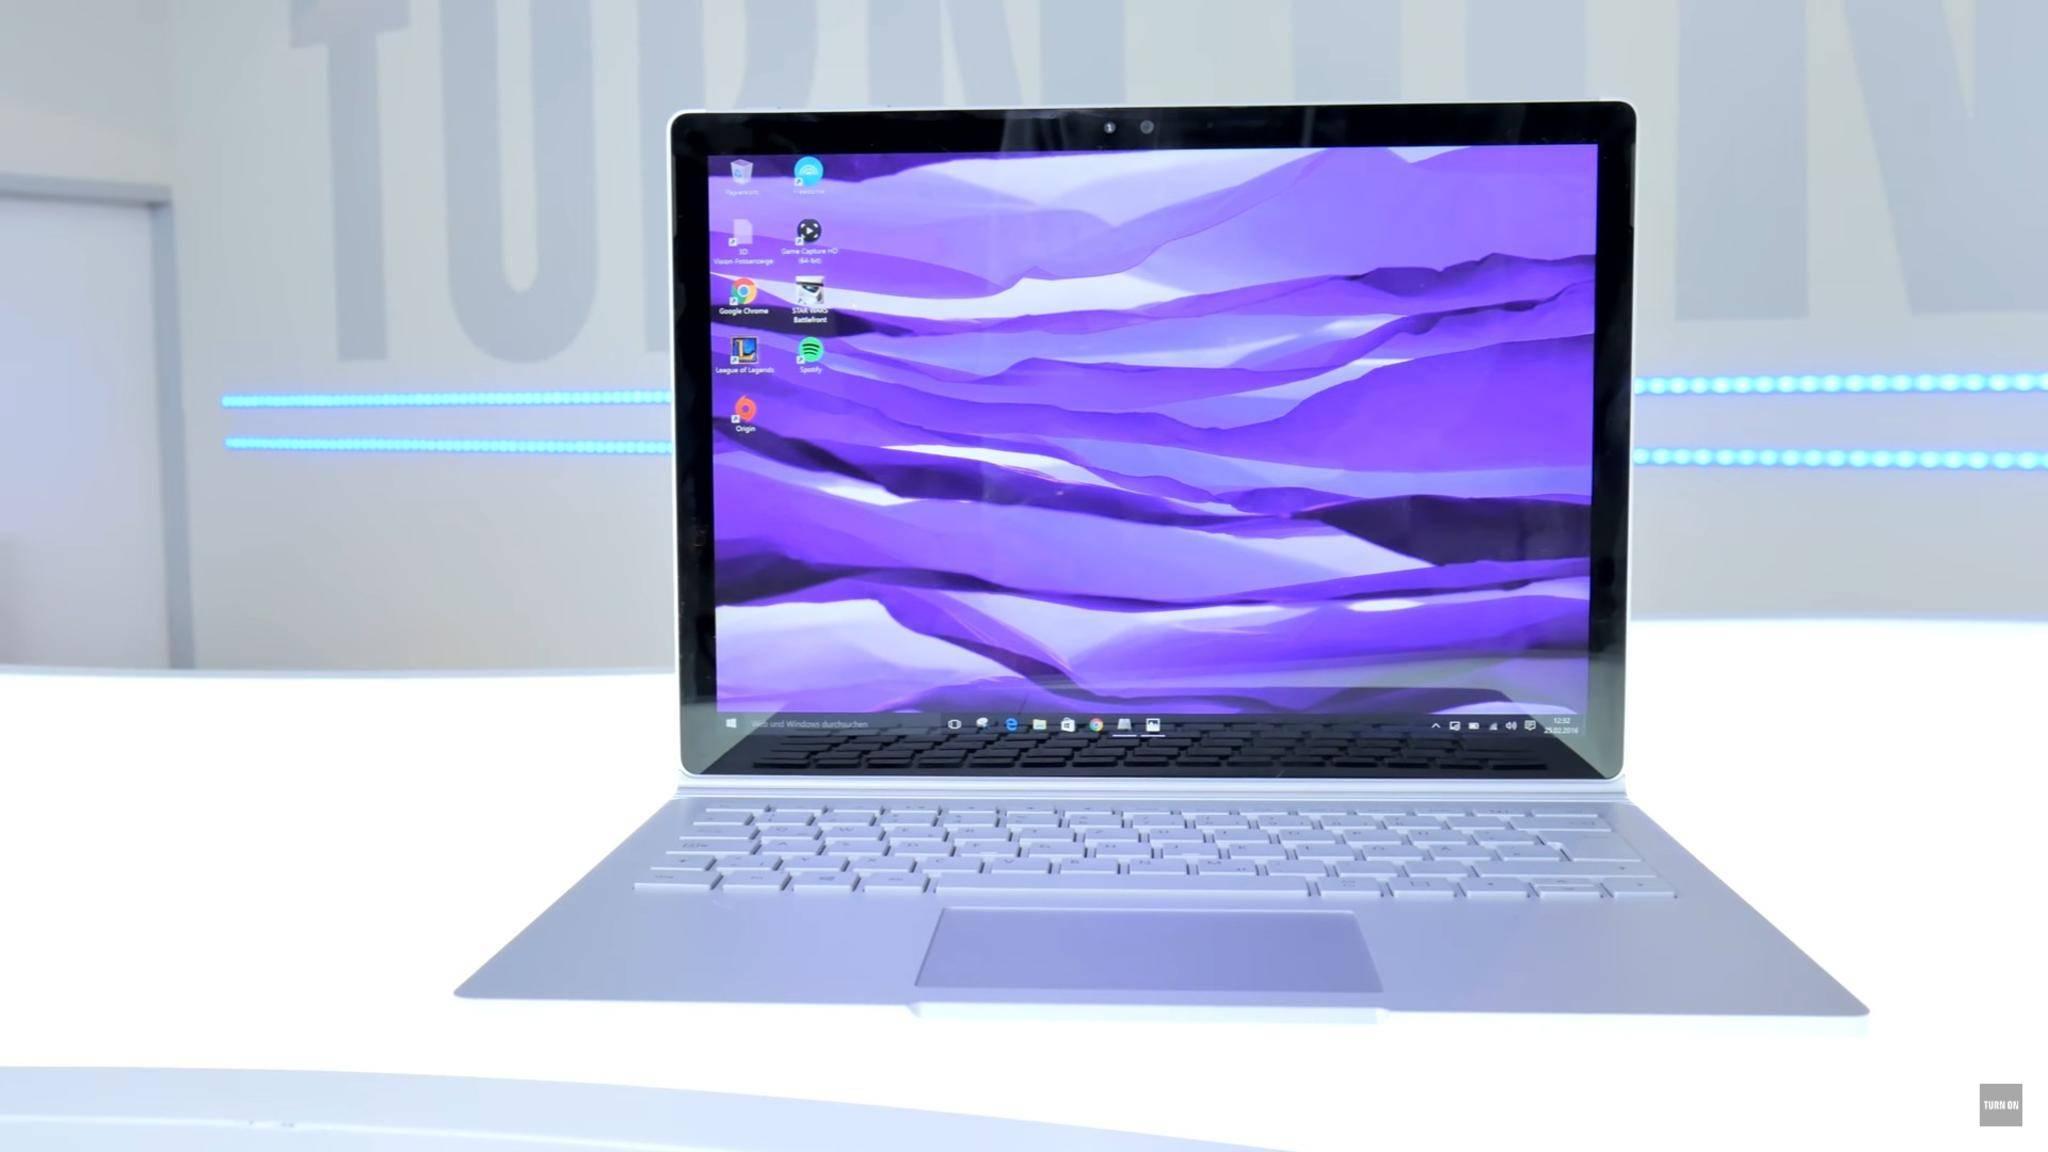 Mit der passenden ISO-Datei ist Windows 10 auch schnell auf Deinem Rechner installiert.